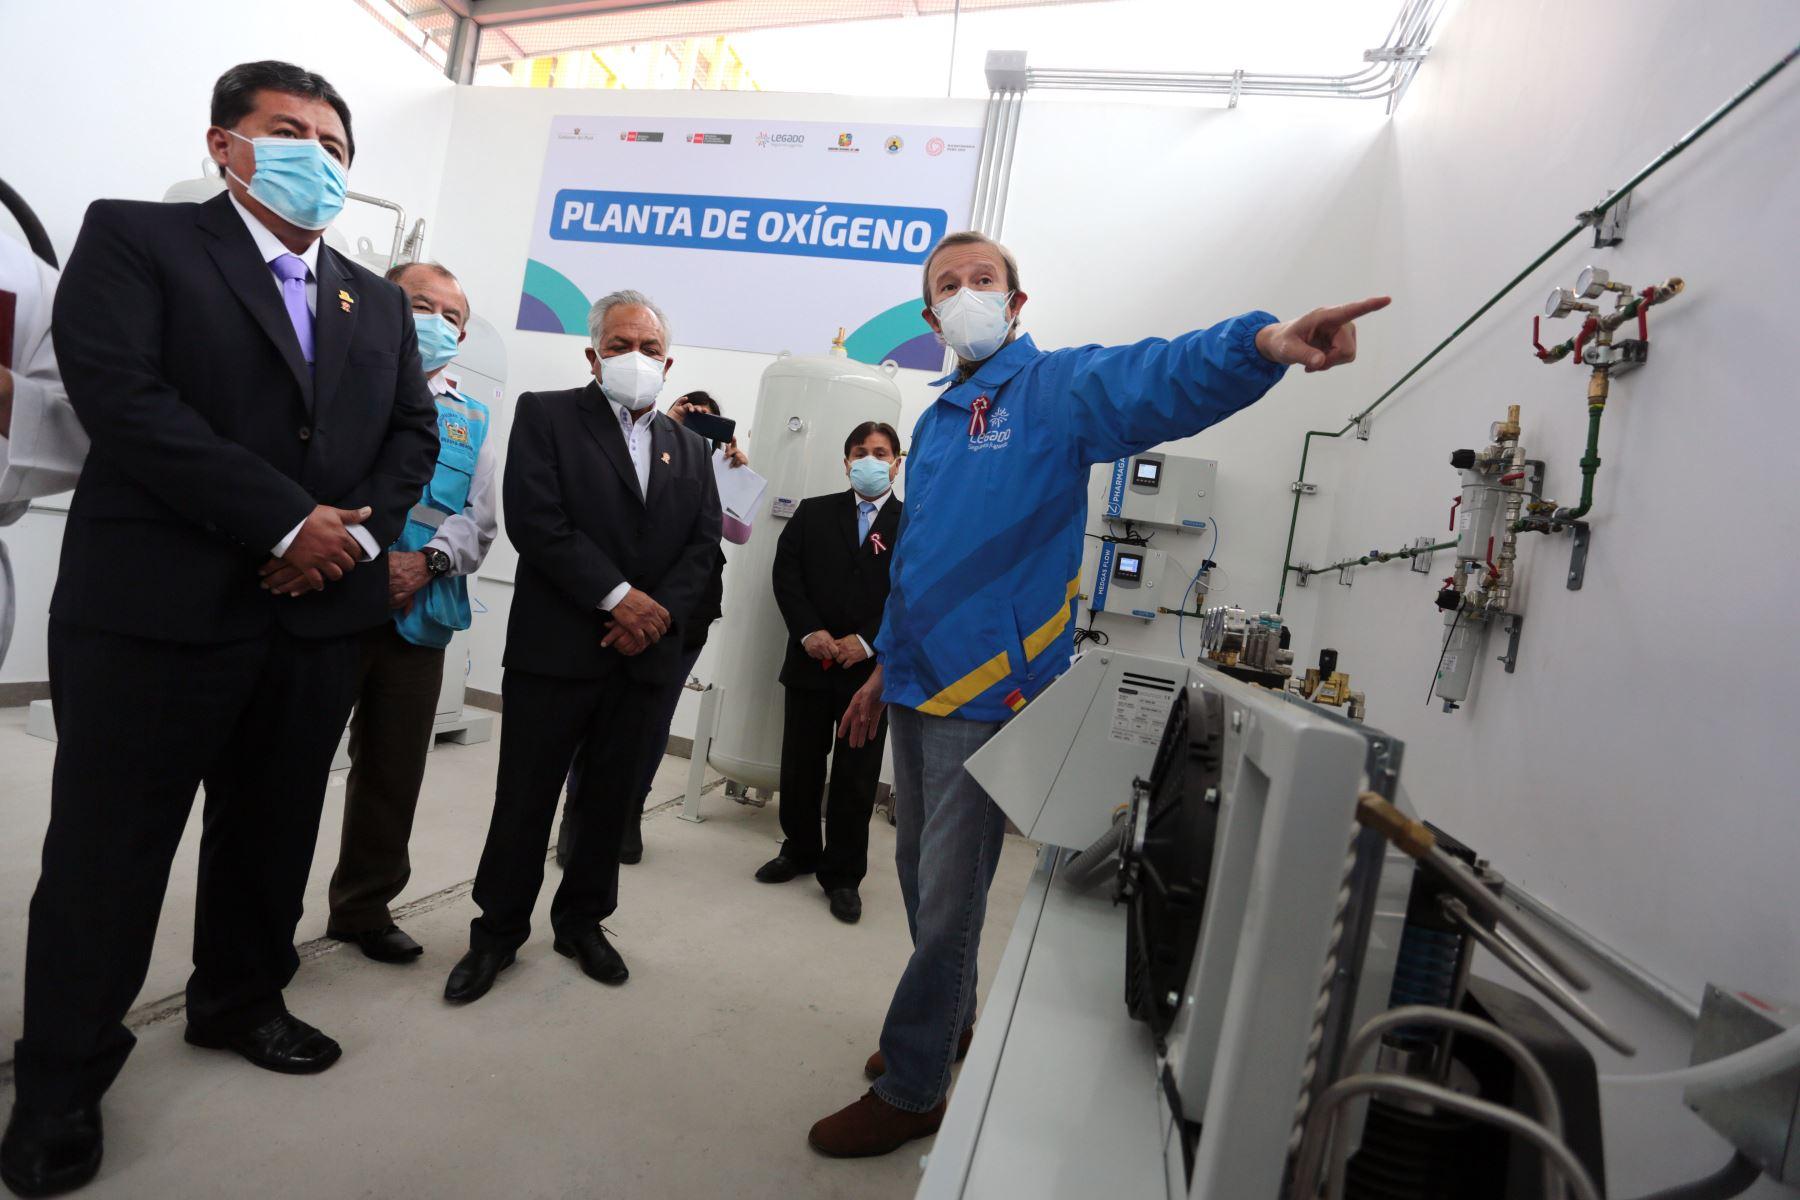 Los modernos equipos, traídos de Francia, cuentan con mantenimiento garantizado por un año, de acuerdo a las contrataciones gestionadas por el Proyecto Legado. Foto: ANDINA/Difusión